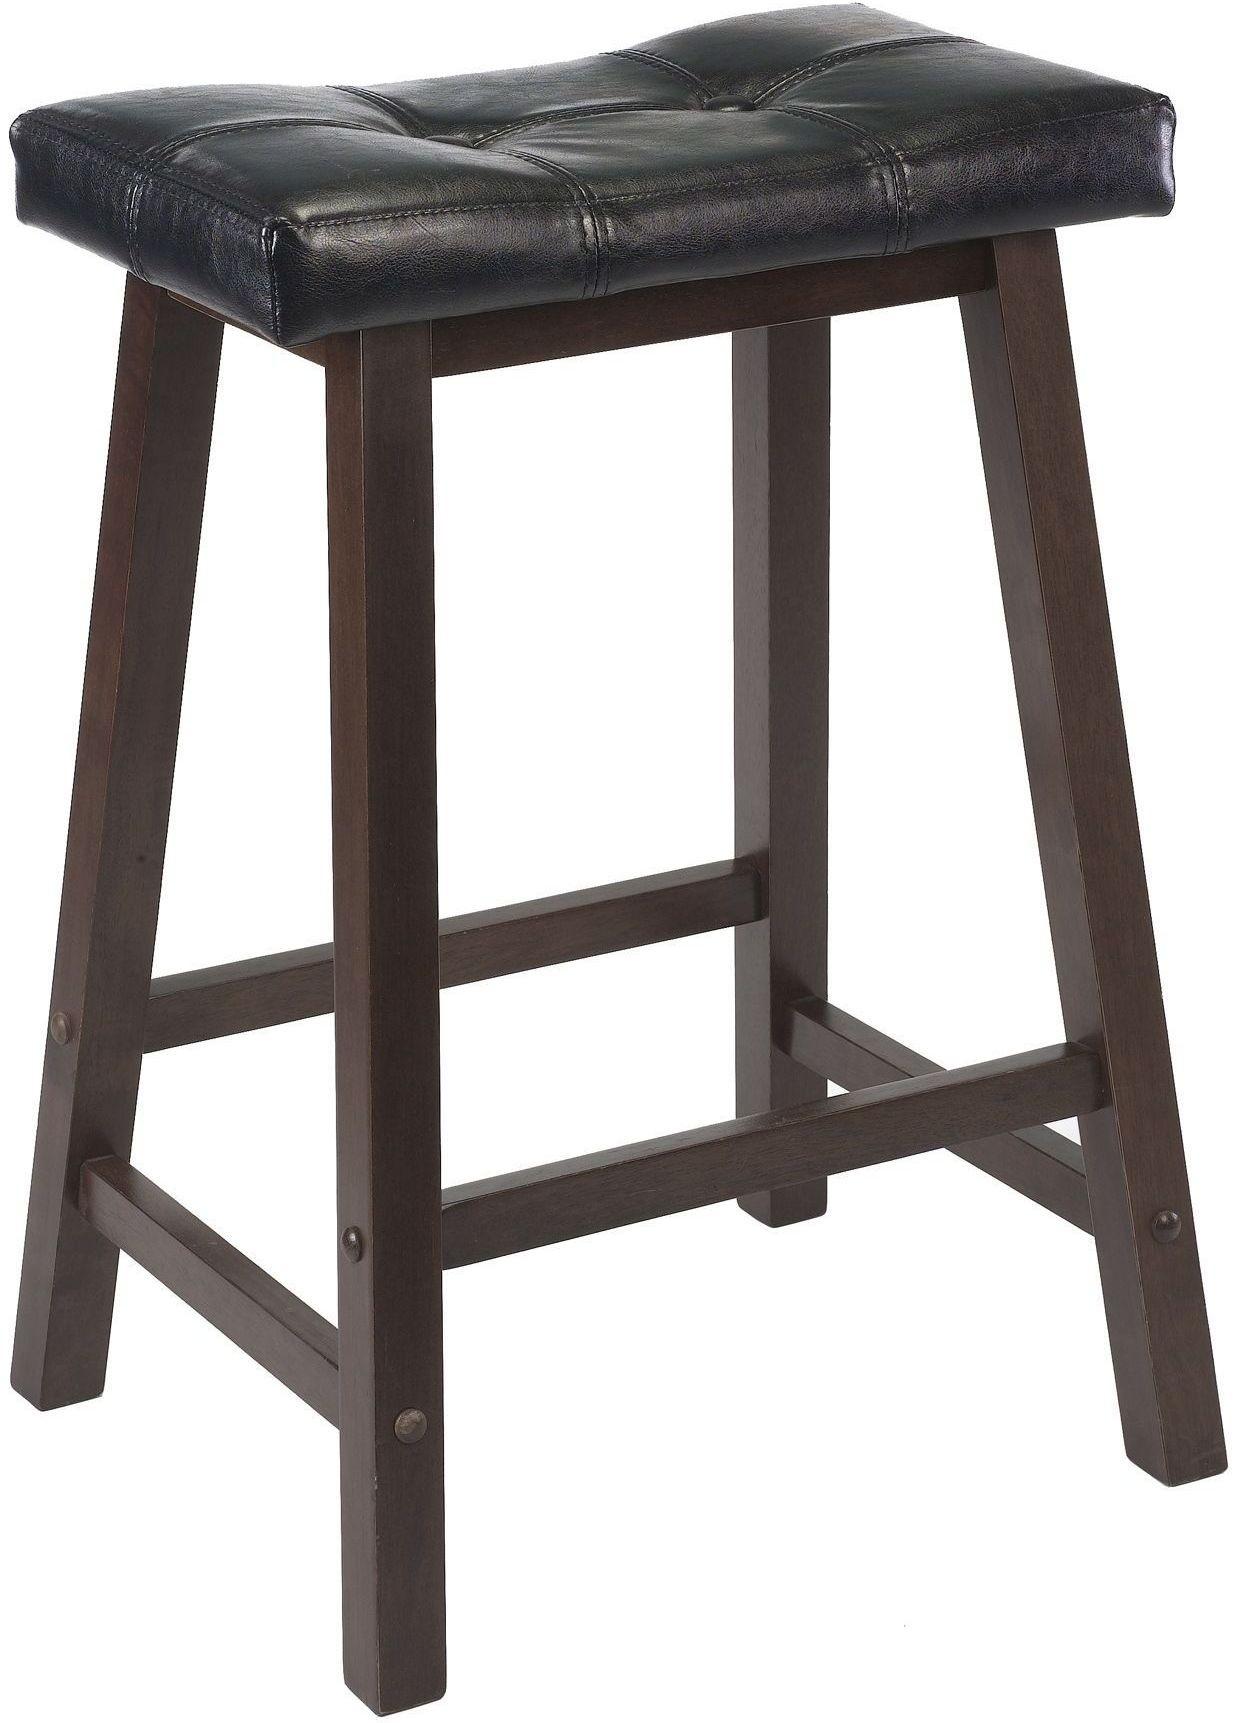 Mona Black Upholstered 24 Quot Cushion Saddle Seat Stool Set